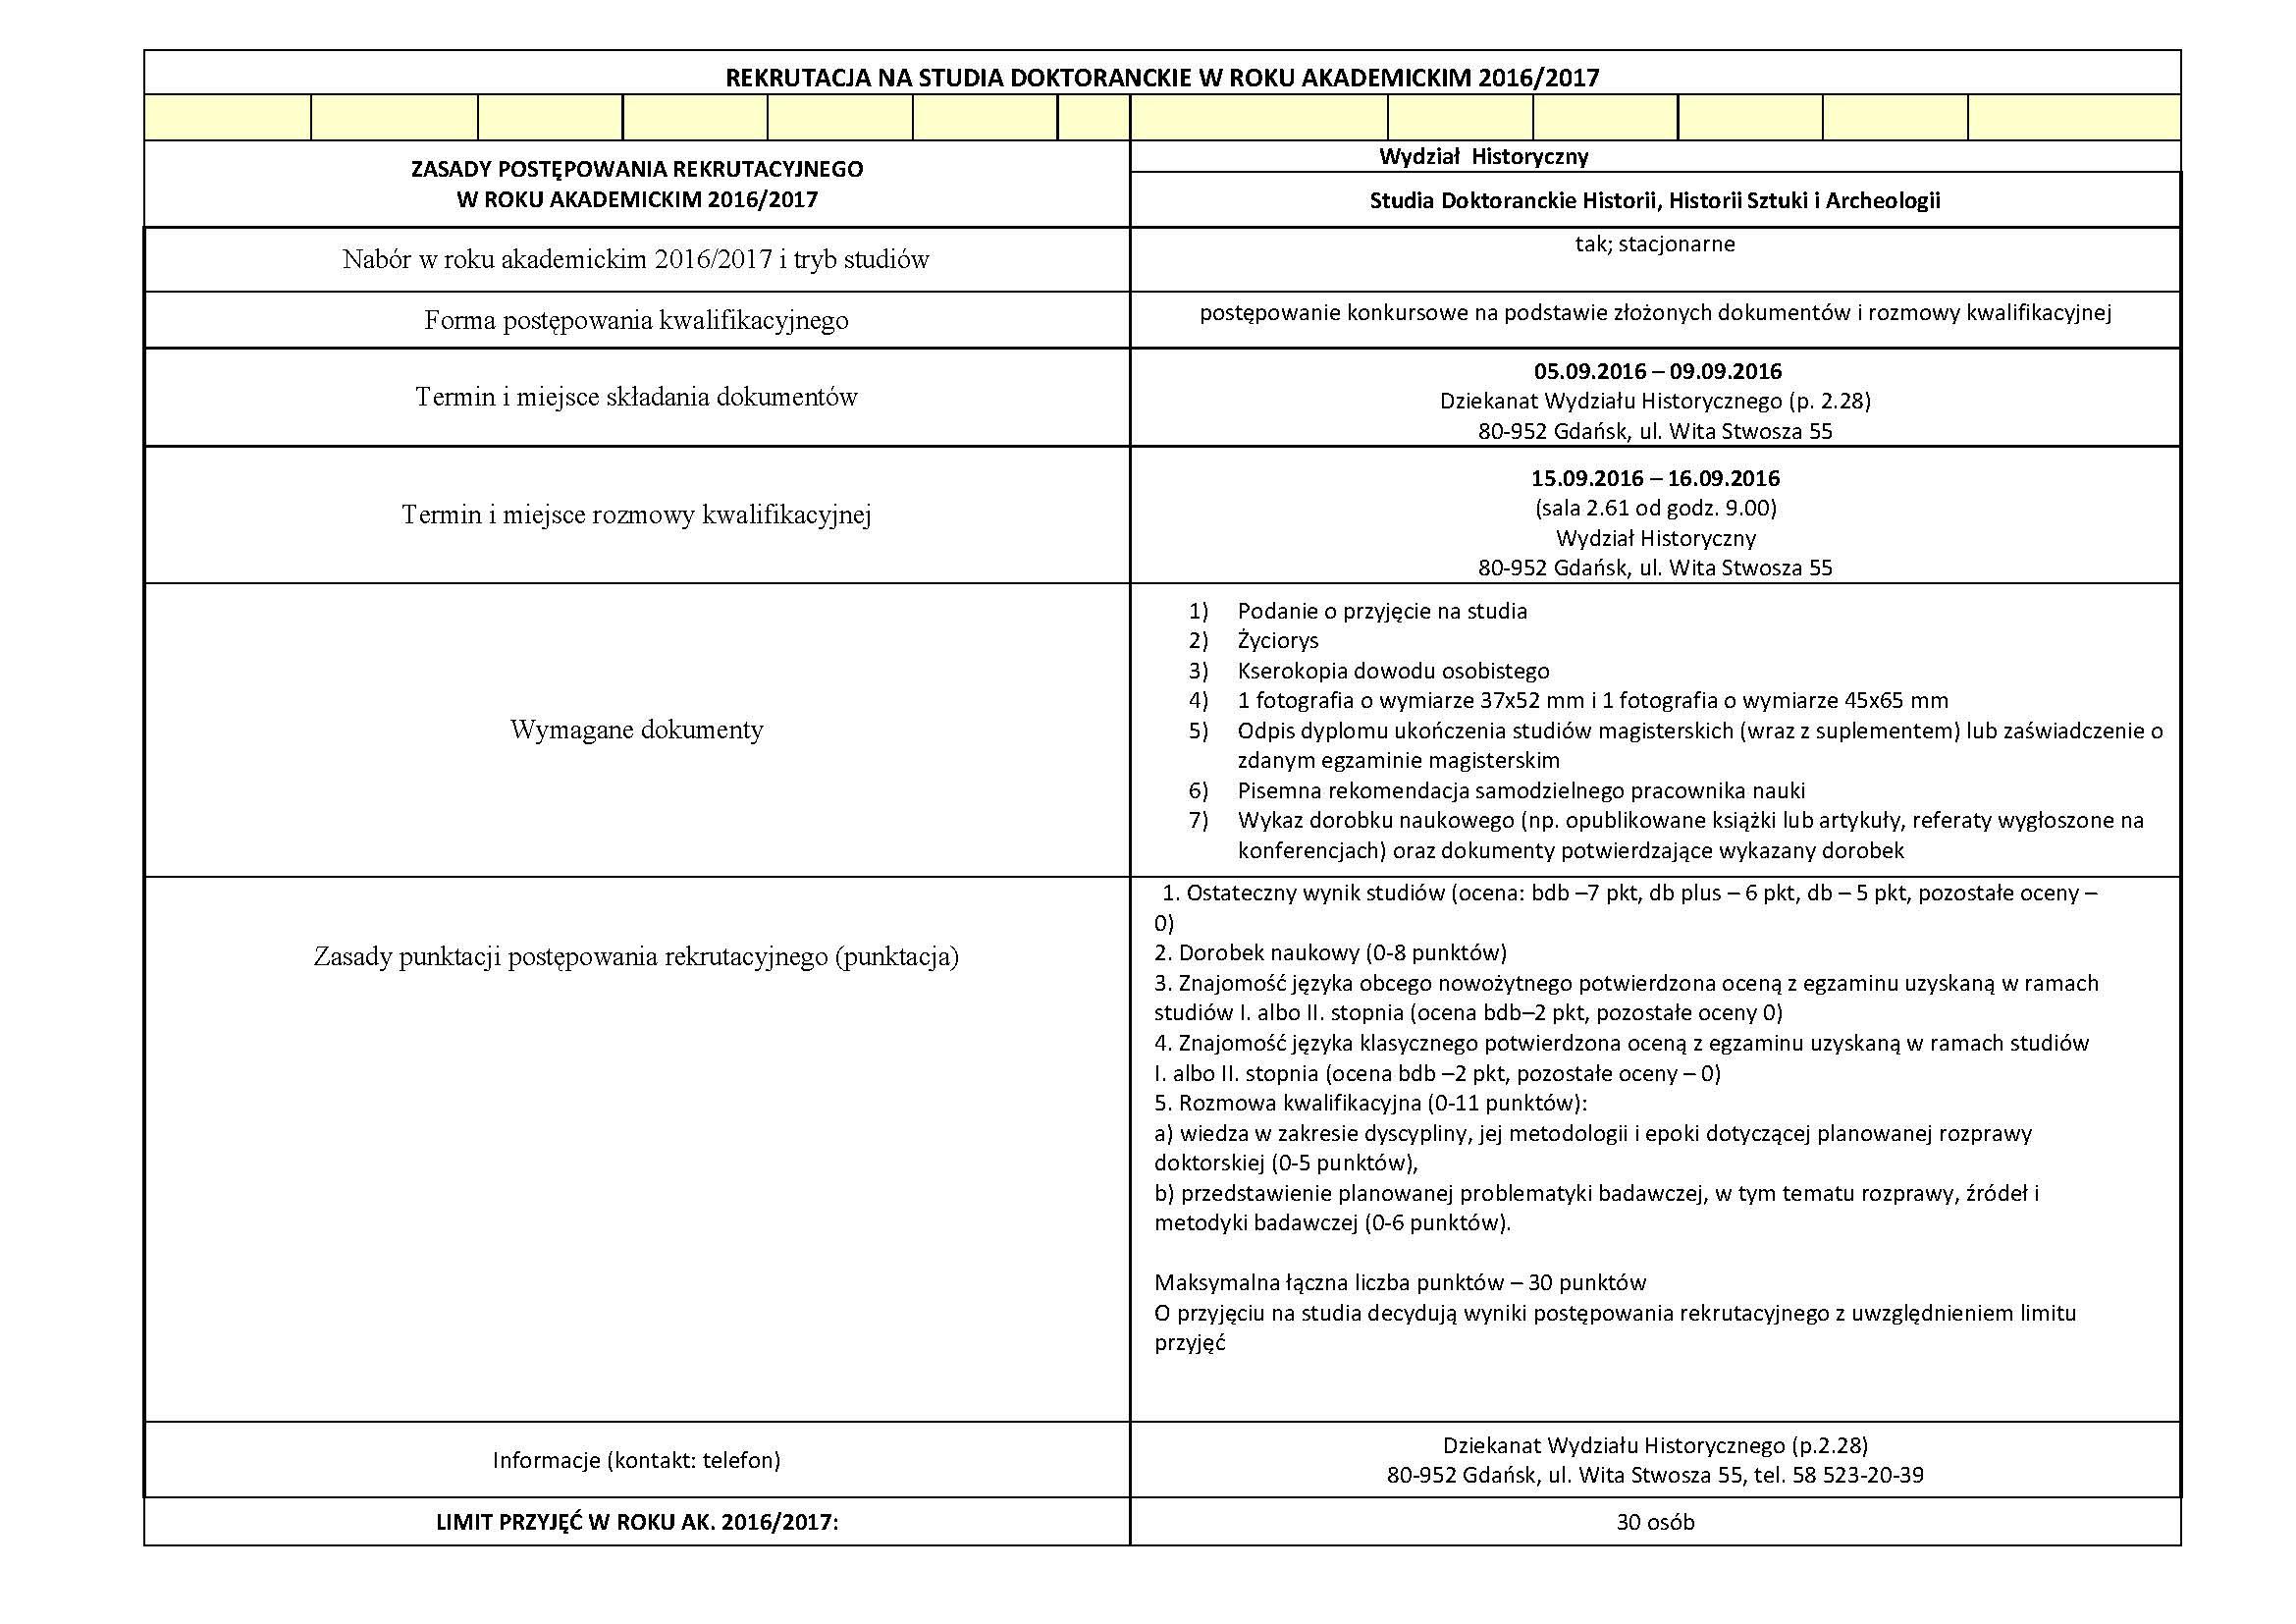 Zasady rekrutacji St Dok. 2016-2017